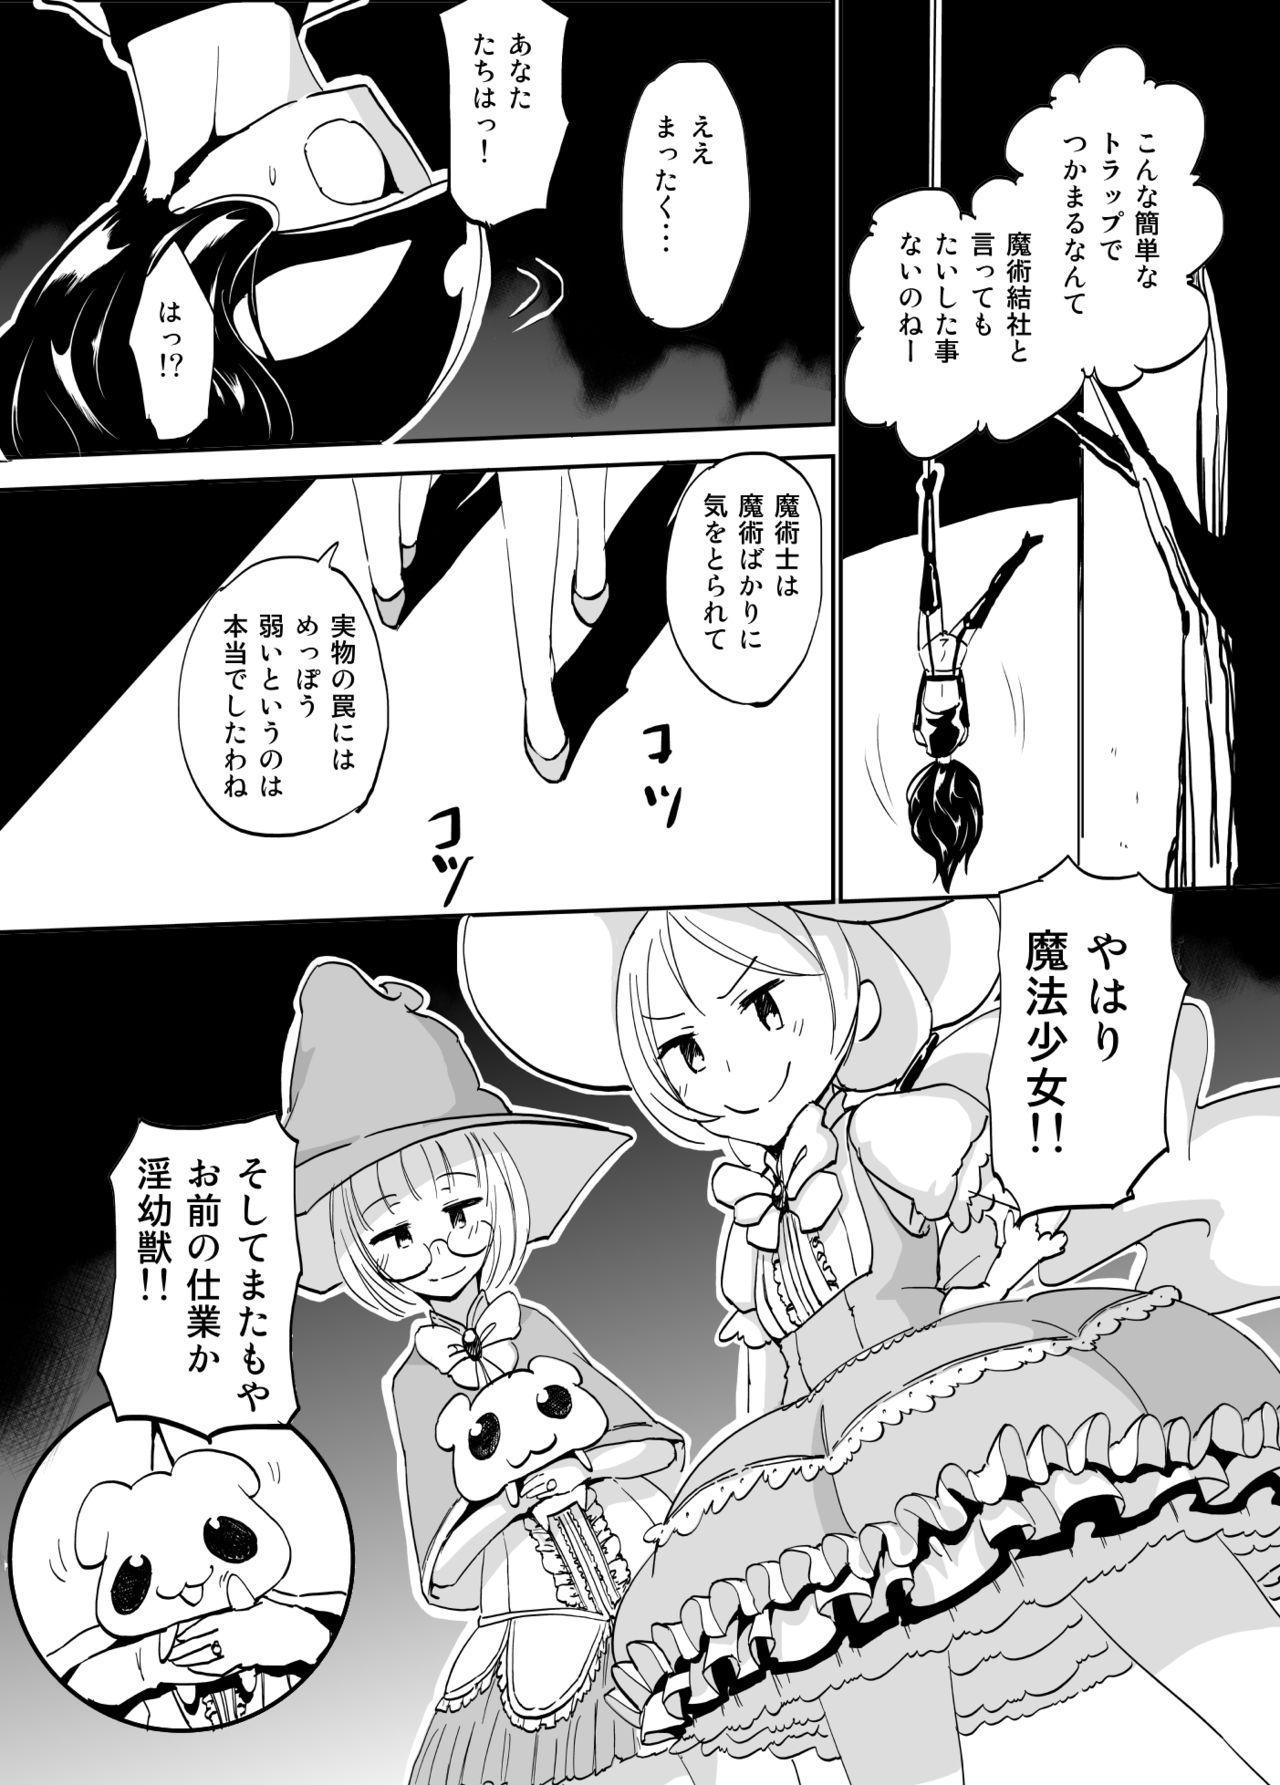 Majutsu Kessha no Onna Kanbu Ken Kyoushi no Pants ga Dasai 2